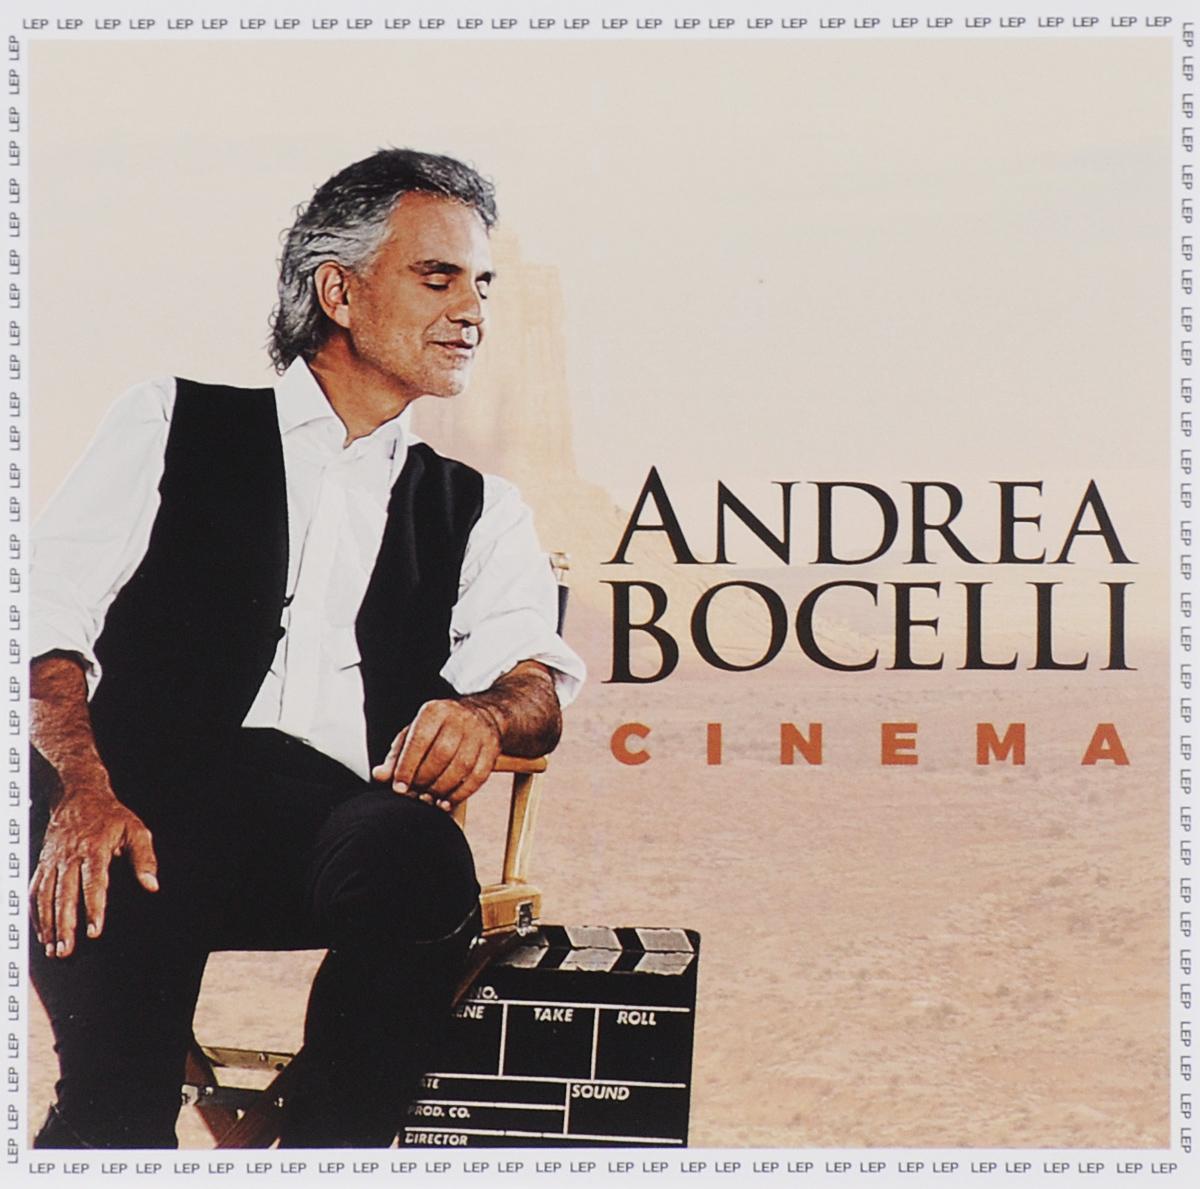 Новый альбом, в который вошли все самые известные песни из кинофильмов. Включает дуэт с Арианой Гранде.Маэстро Андреа Бочелли представляет новый альбом, в который вошли всем известные мелодии из классических кинофильмов.